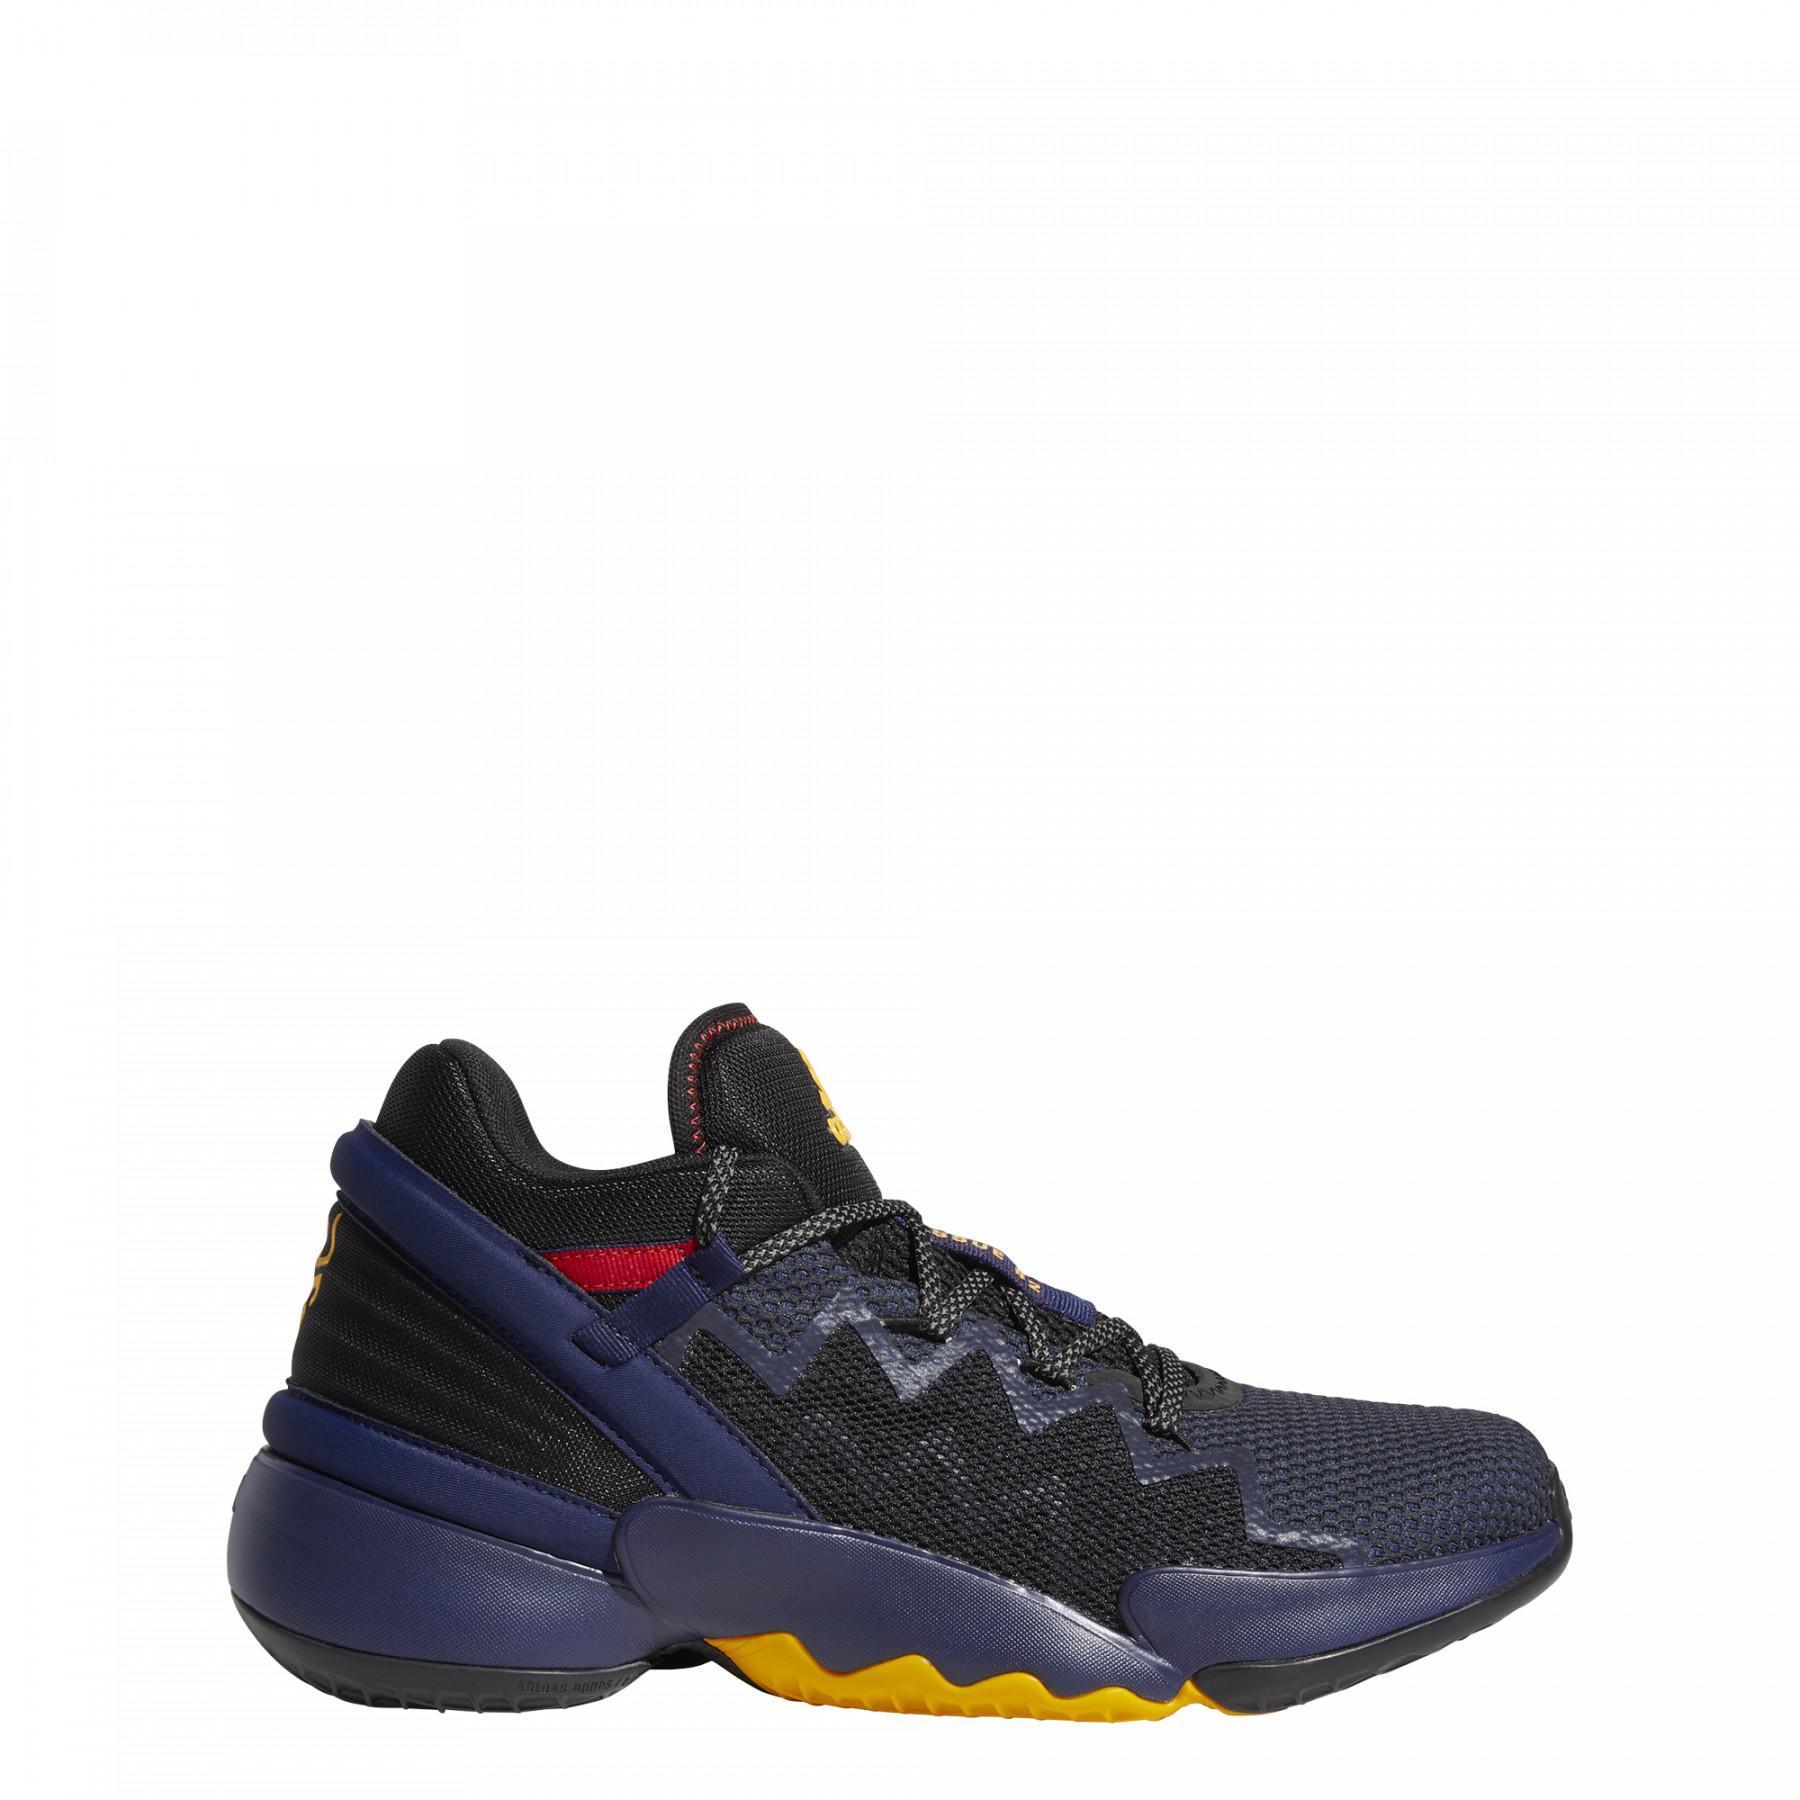 Scarpe Adidas D.O.N. Issue 2 GCA